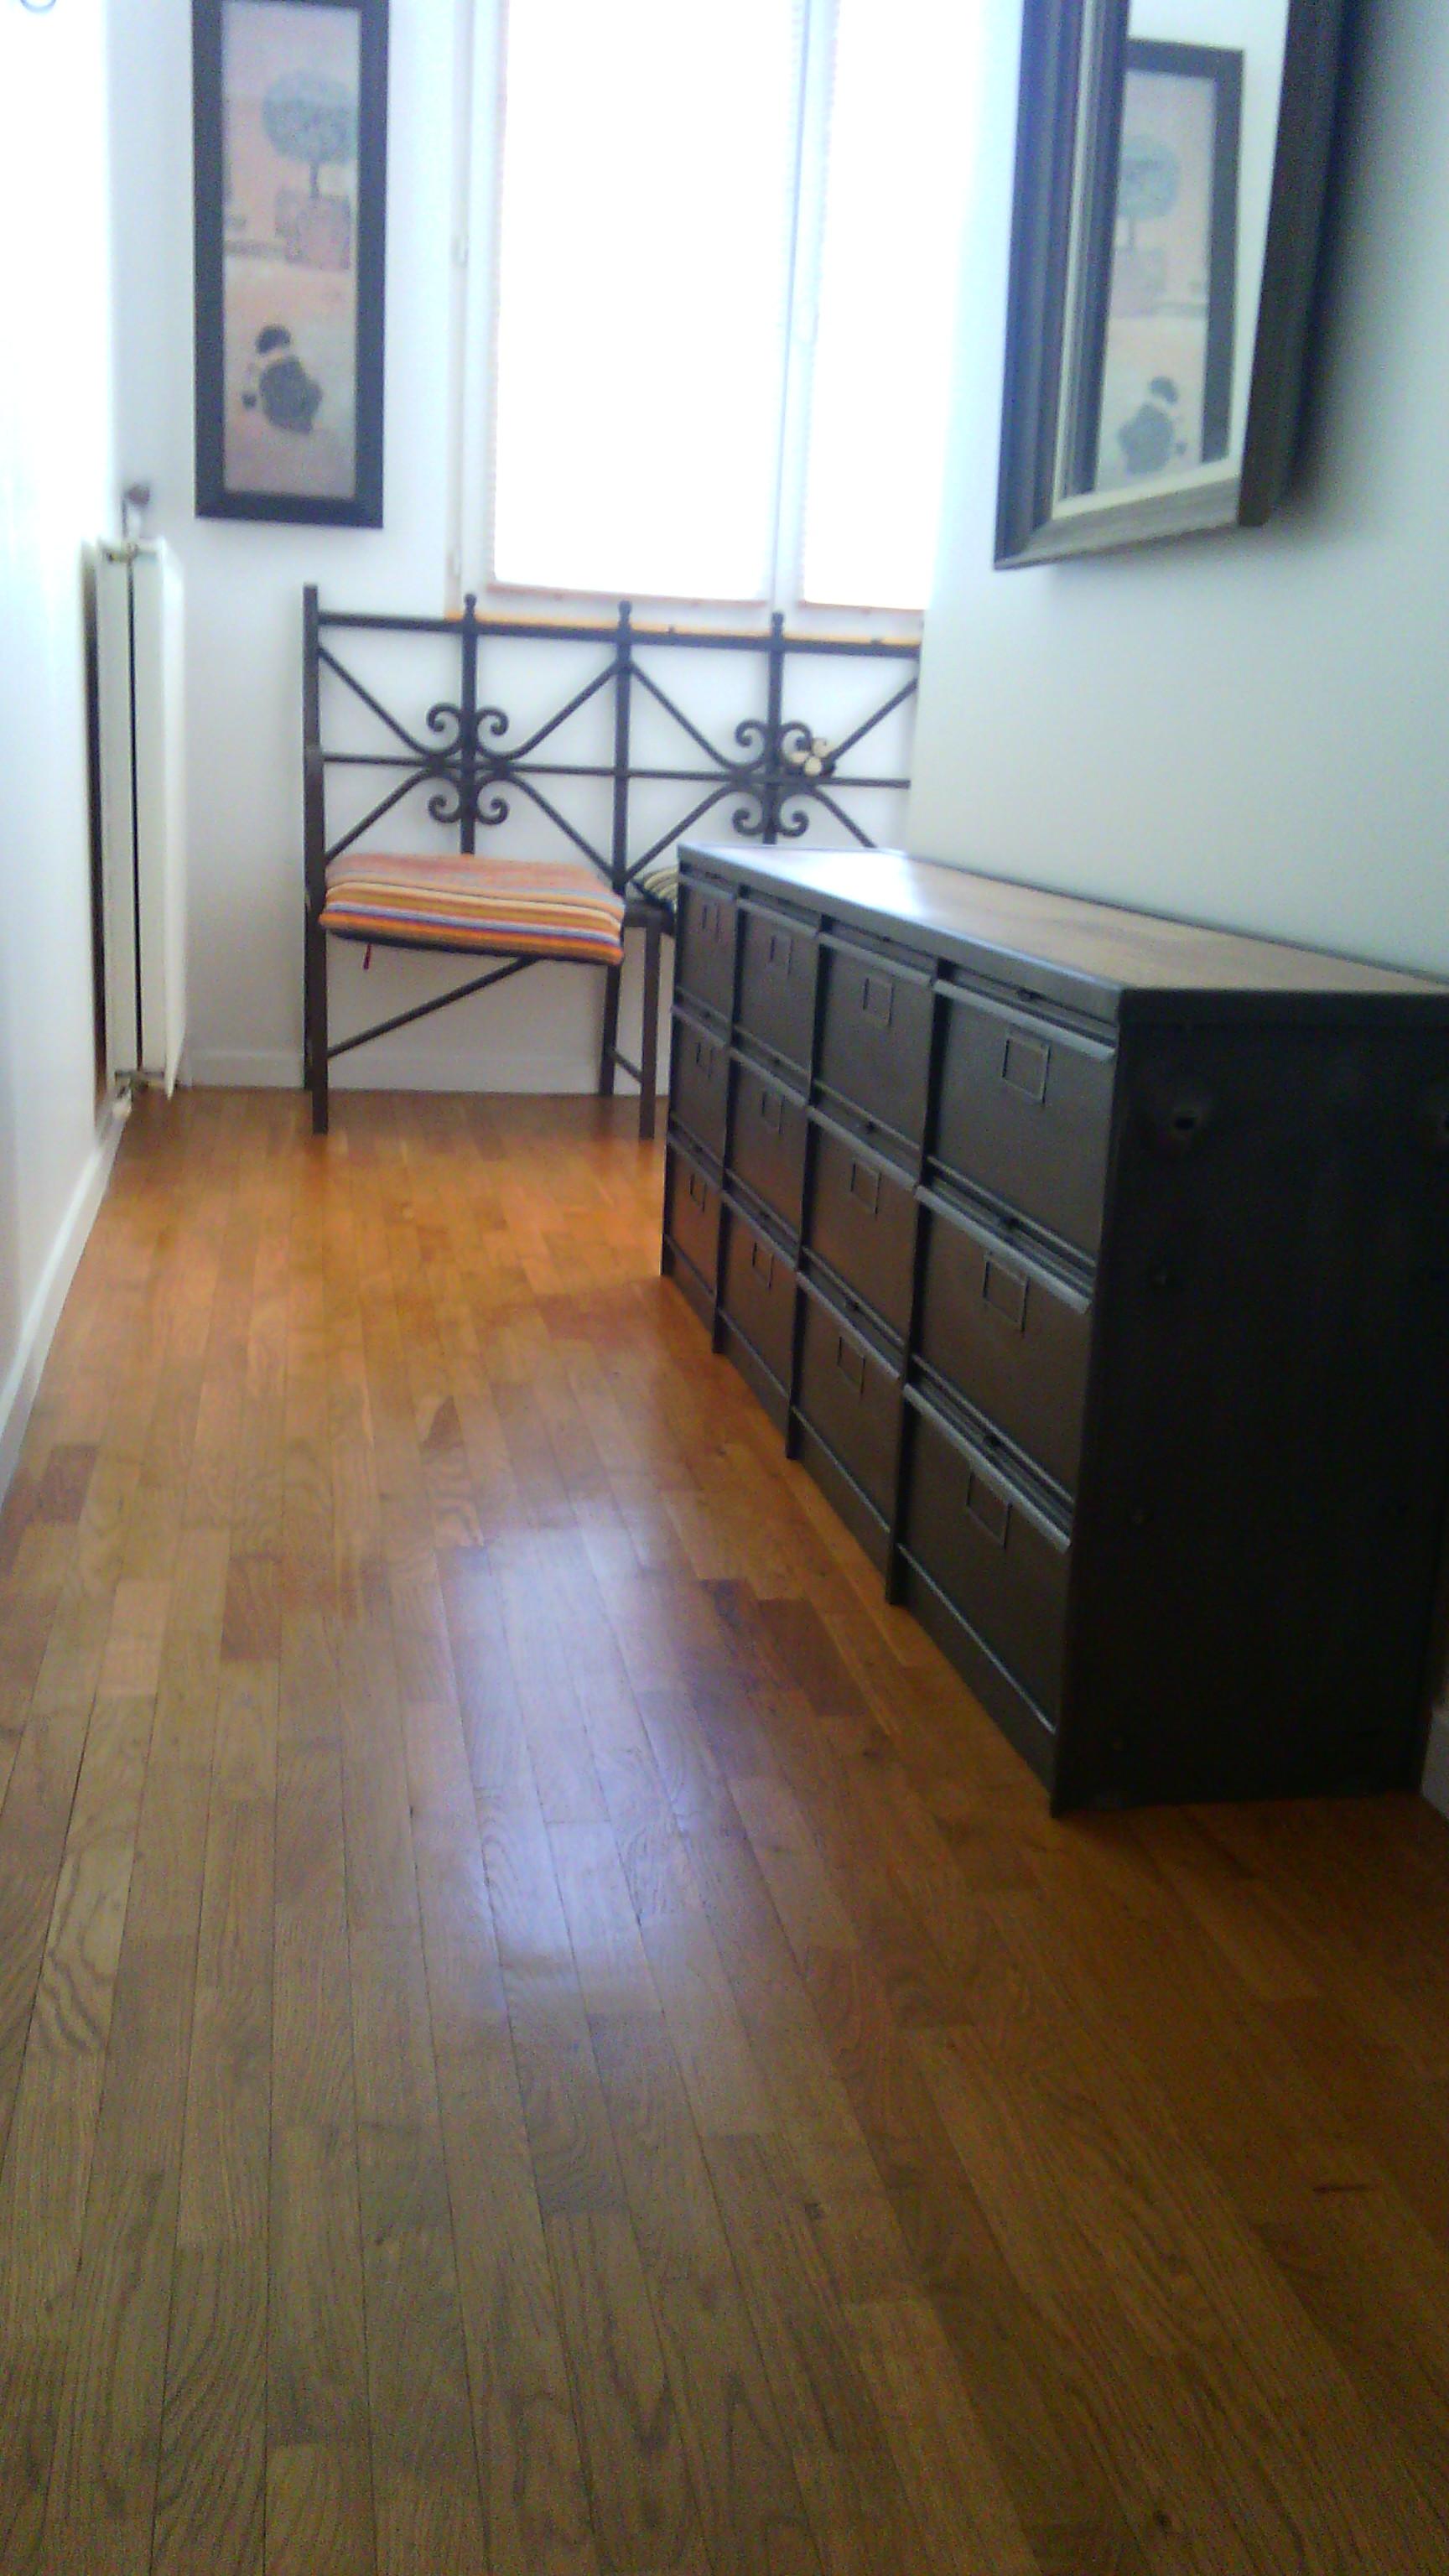 Meuble entree tele tv chaussure papier steel loft paris for Meuble a chaussure paris